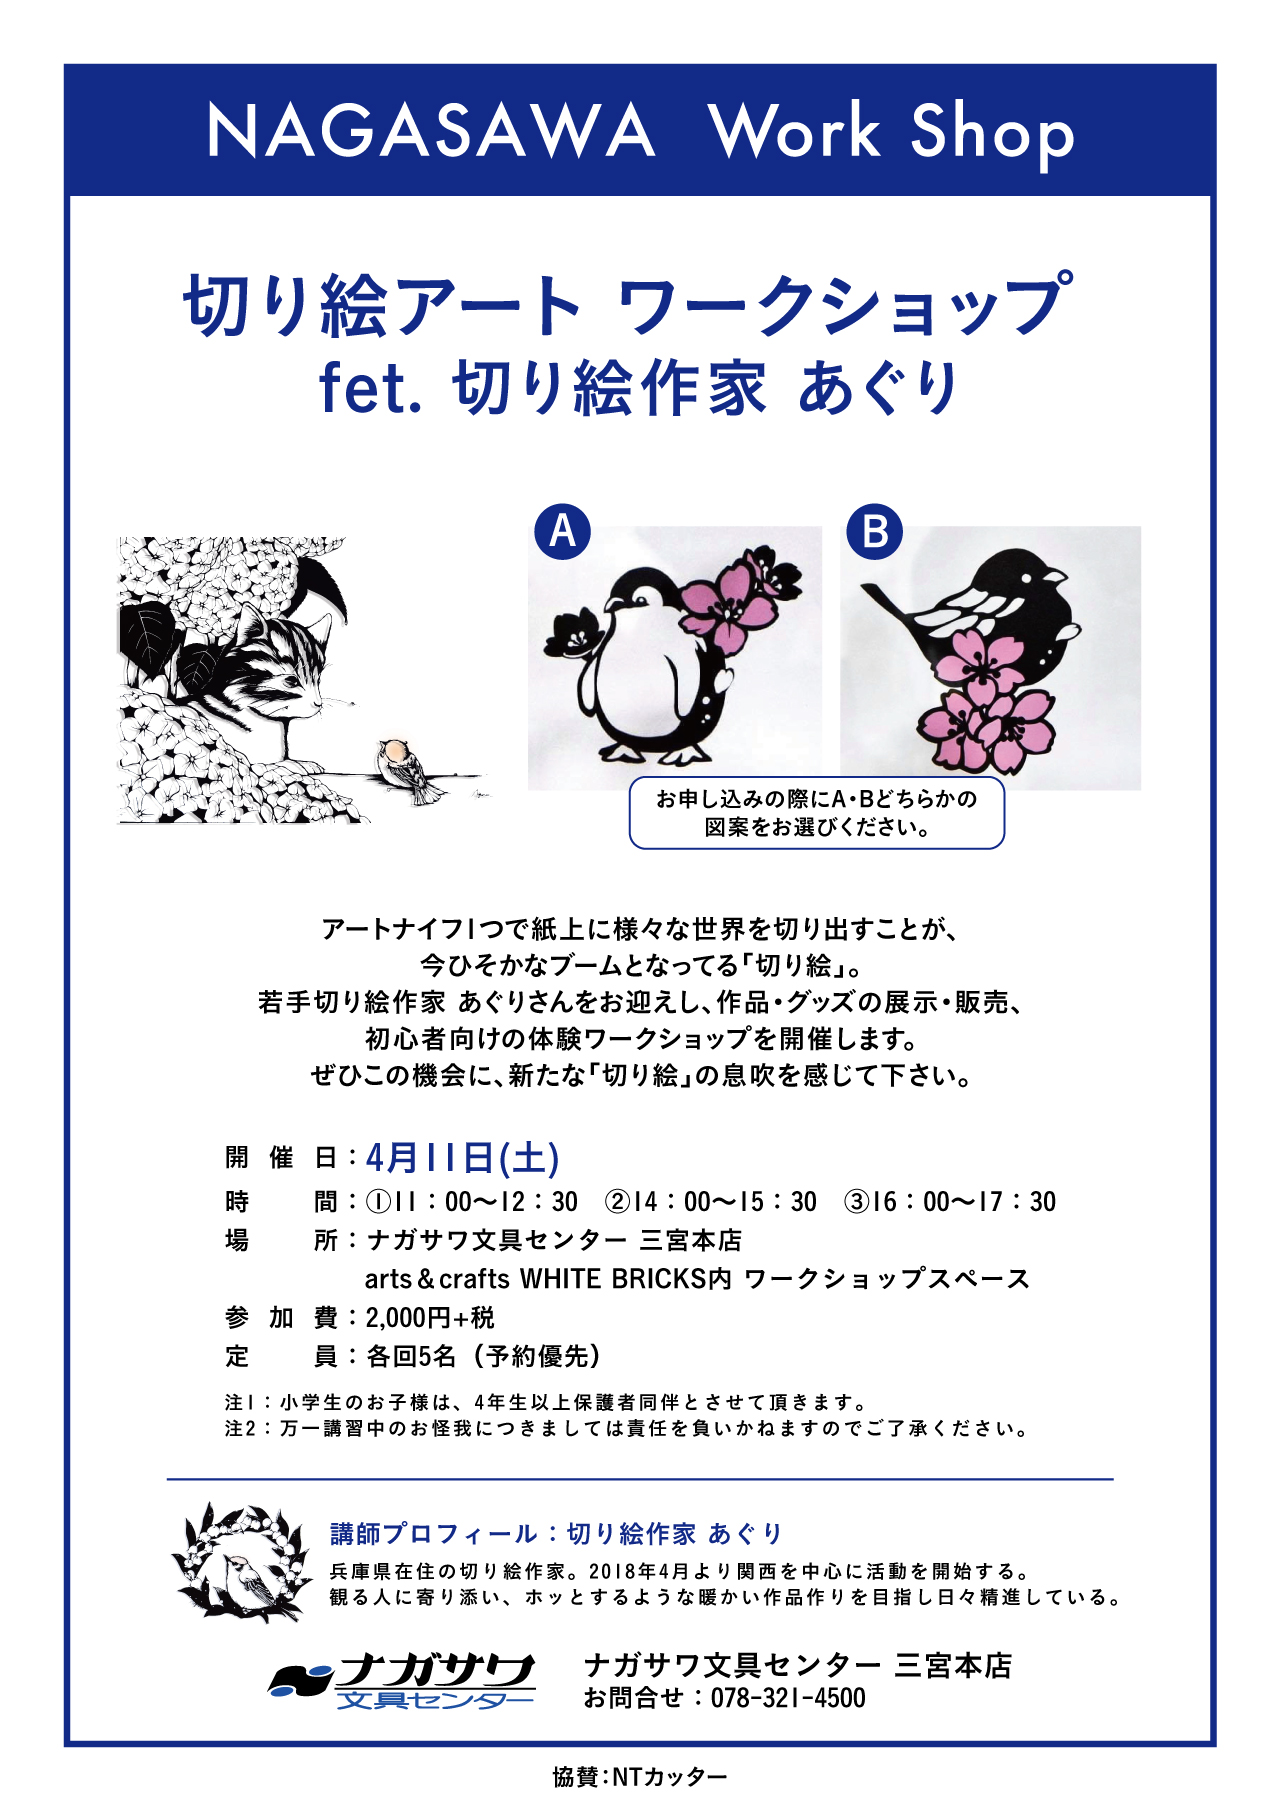 【本店】関西で活躍中の若手切り絵作家 あぐりさんによるワークショップを開催!